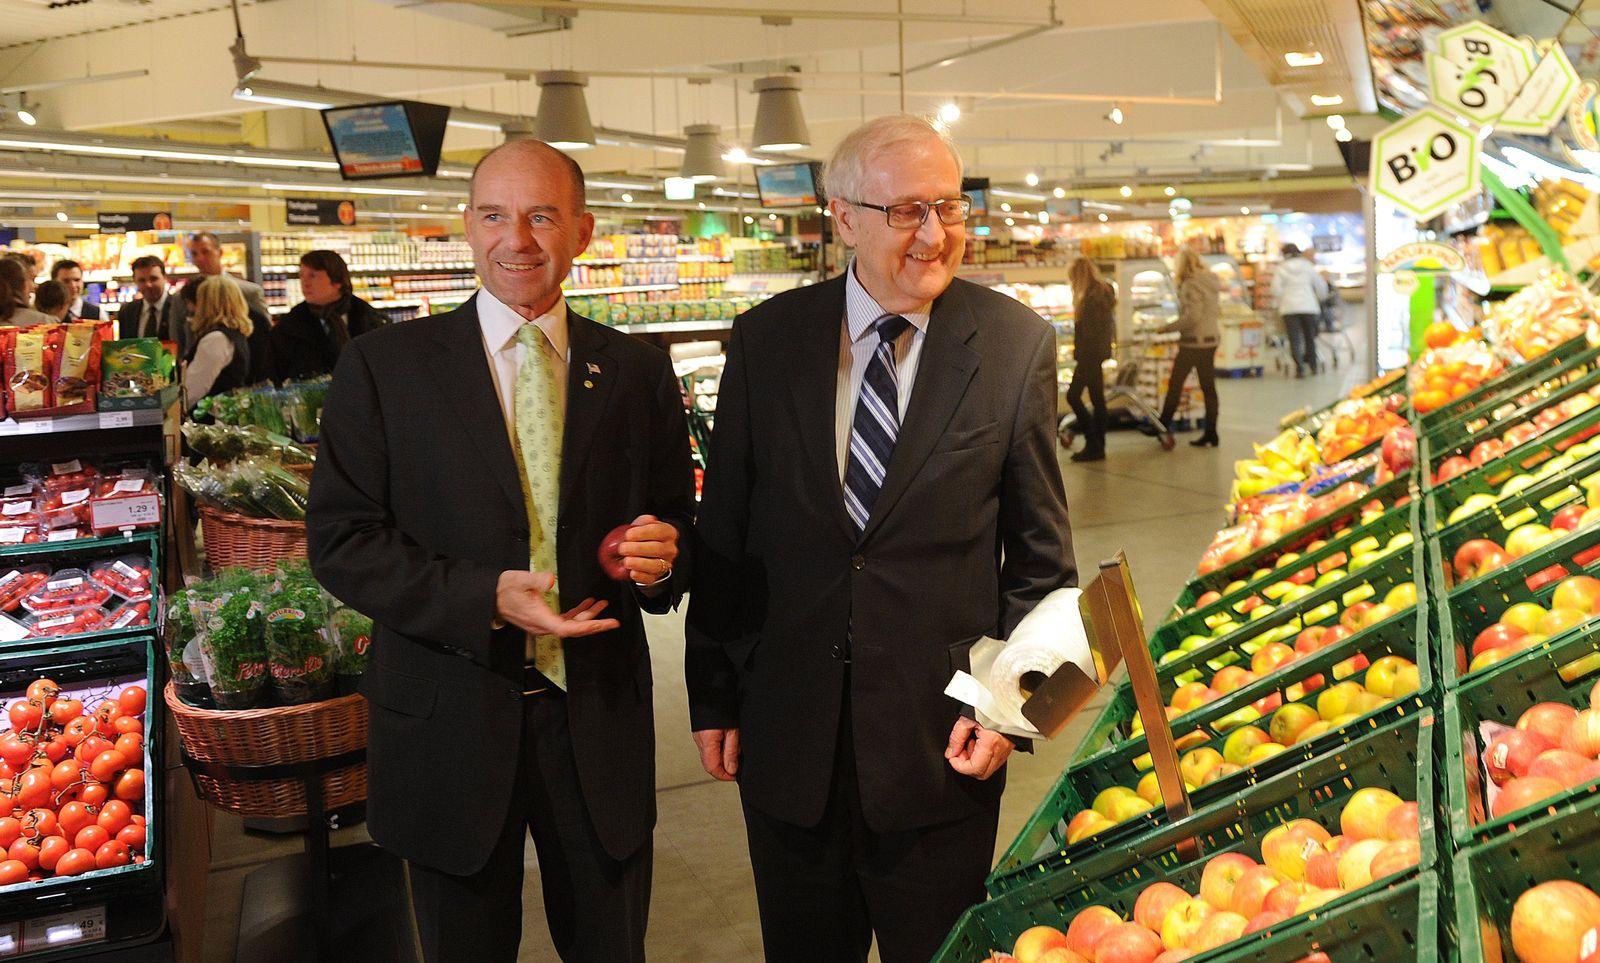 NUR FÜR SPAM Brüderle besucht Tengelmann Klimamarkt